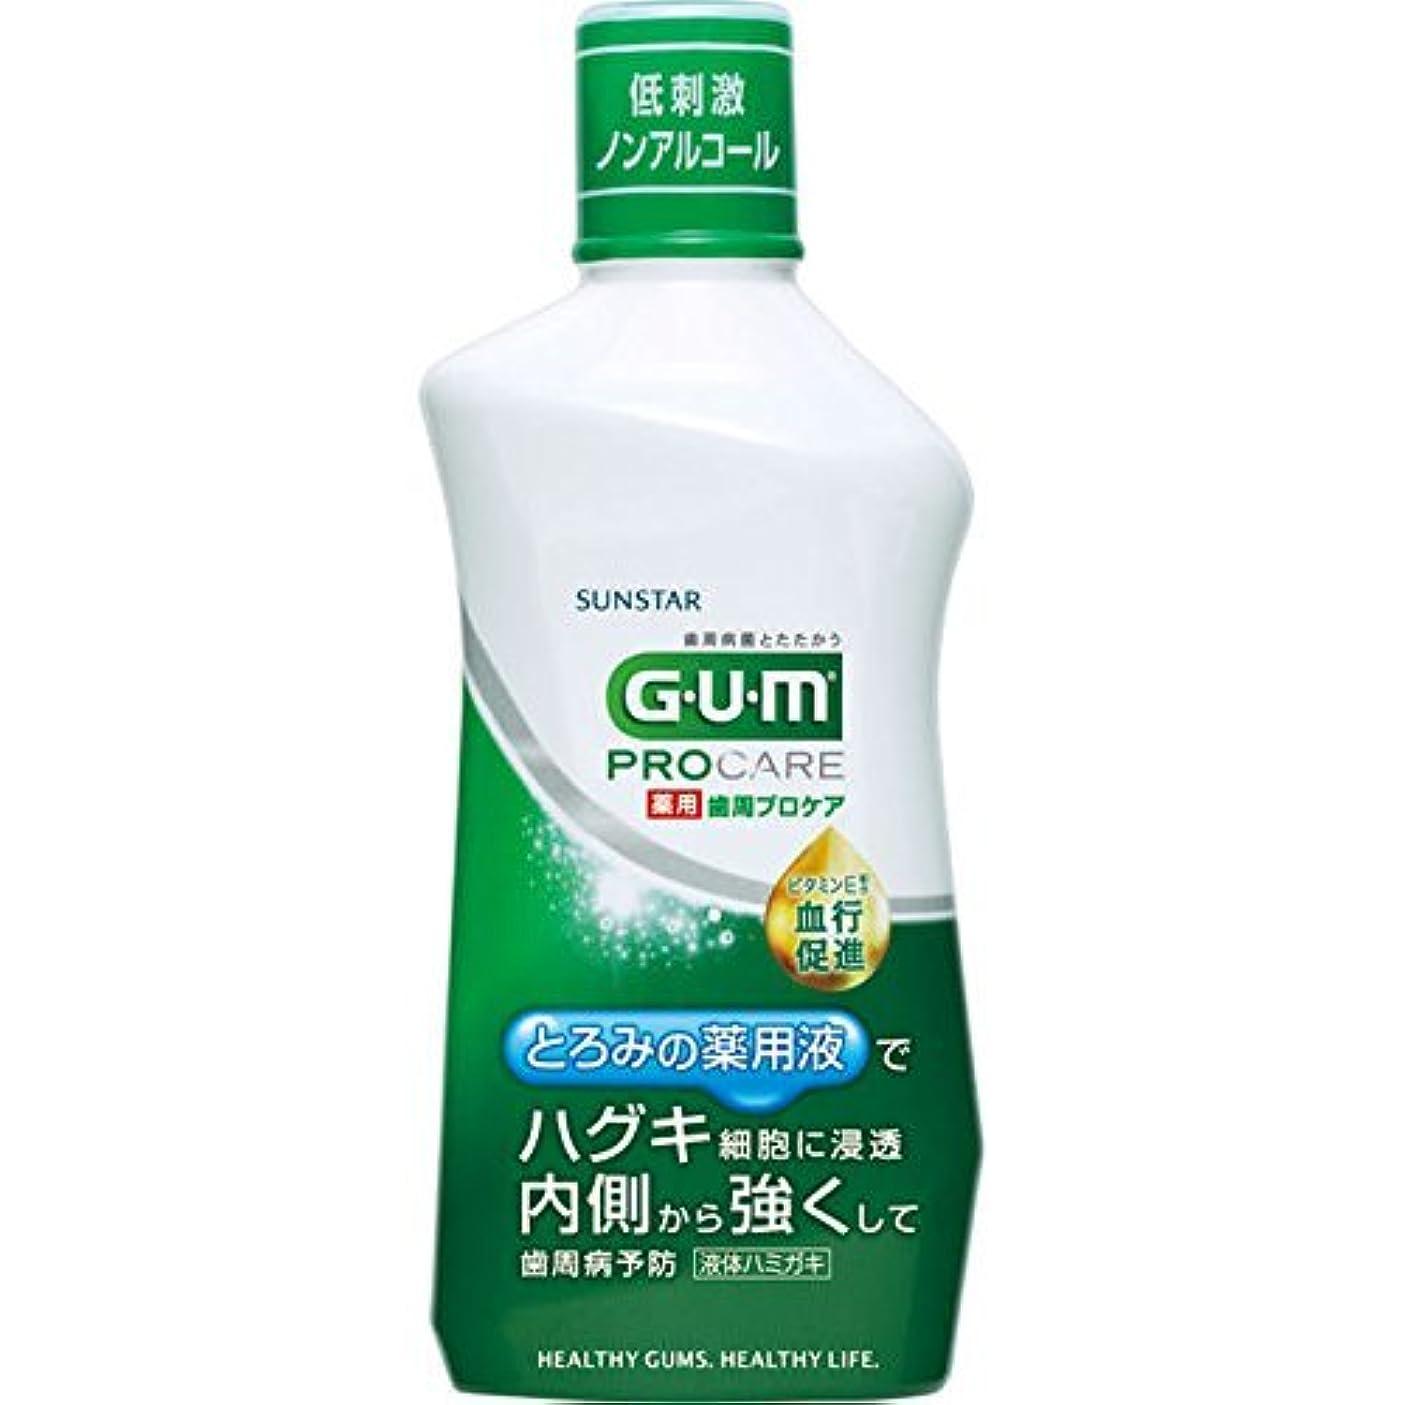 毎年風が強い批判的[医薬部外品] GUM(ガム) 歯周プロケア デンタルリンス 420ml 液体歯みがき <歯周病予防?ハグキケア>